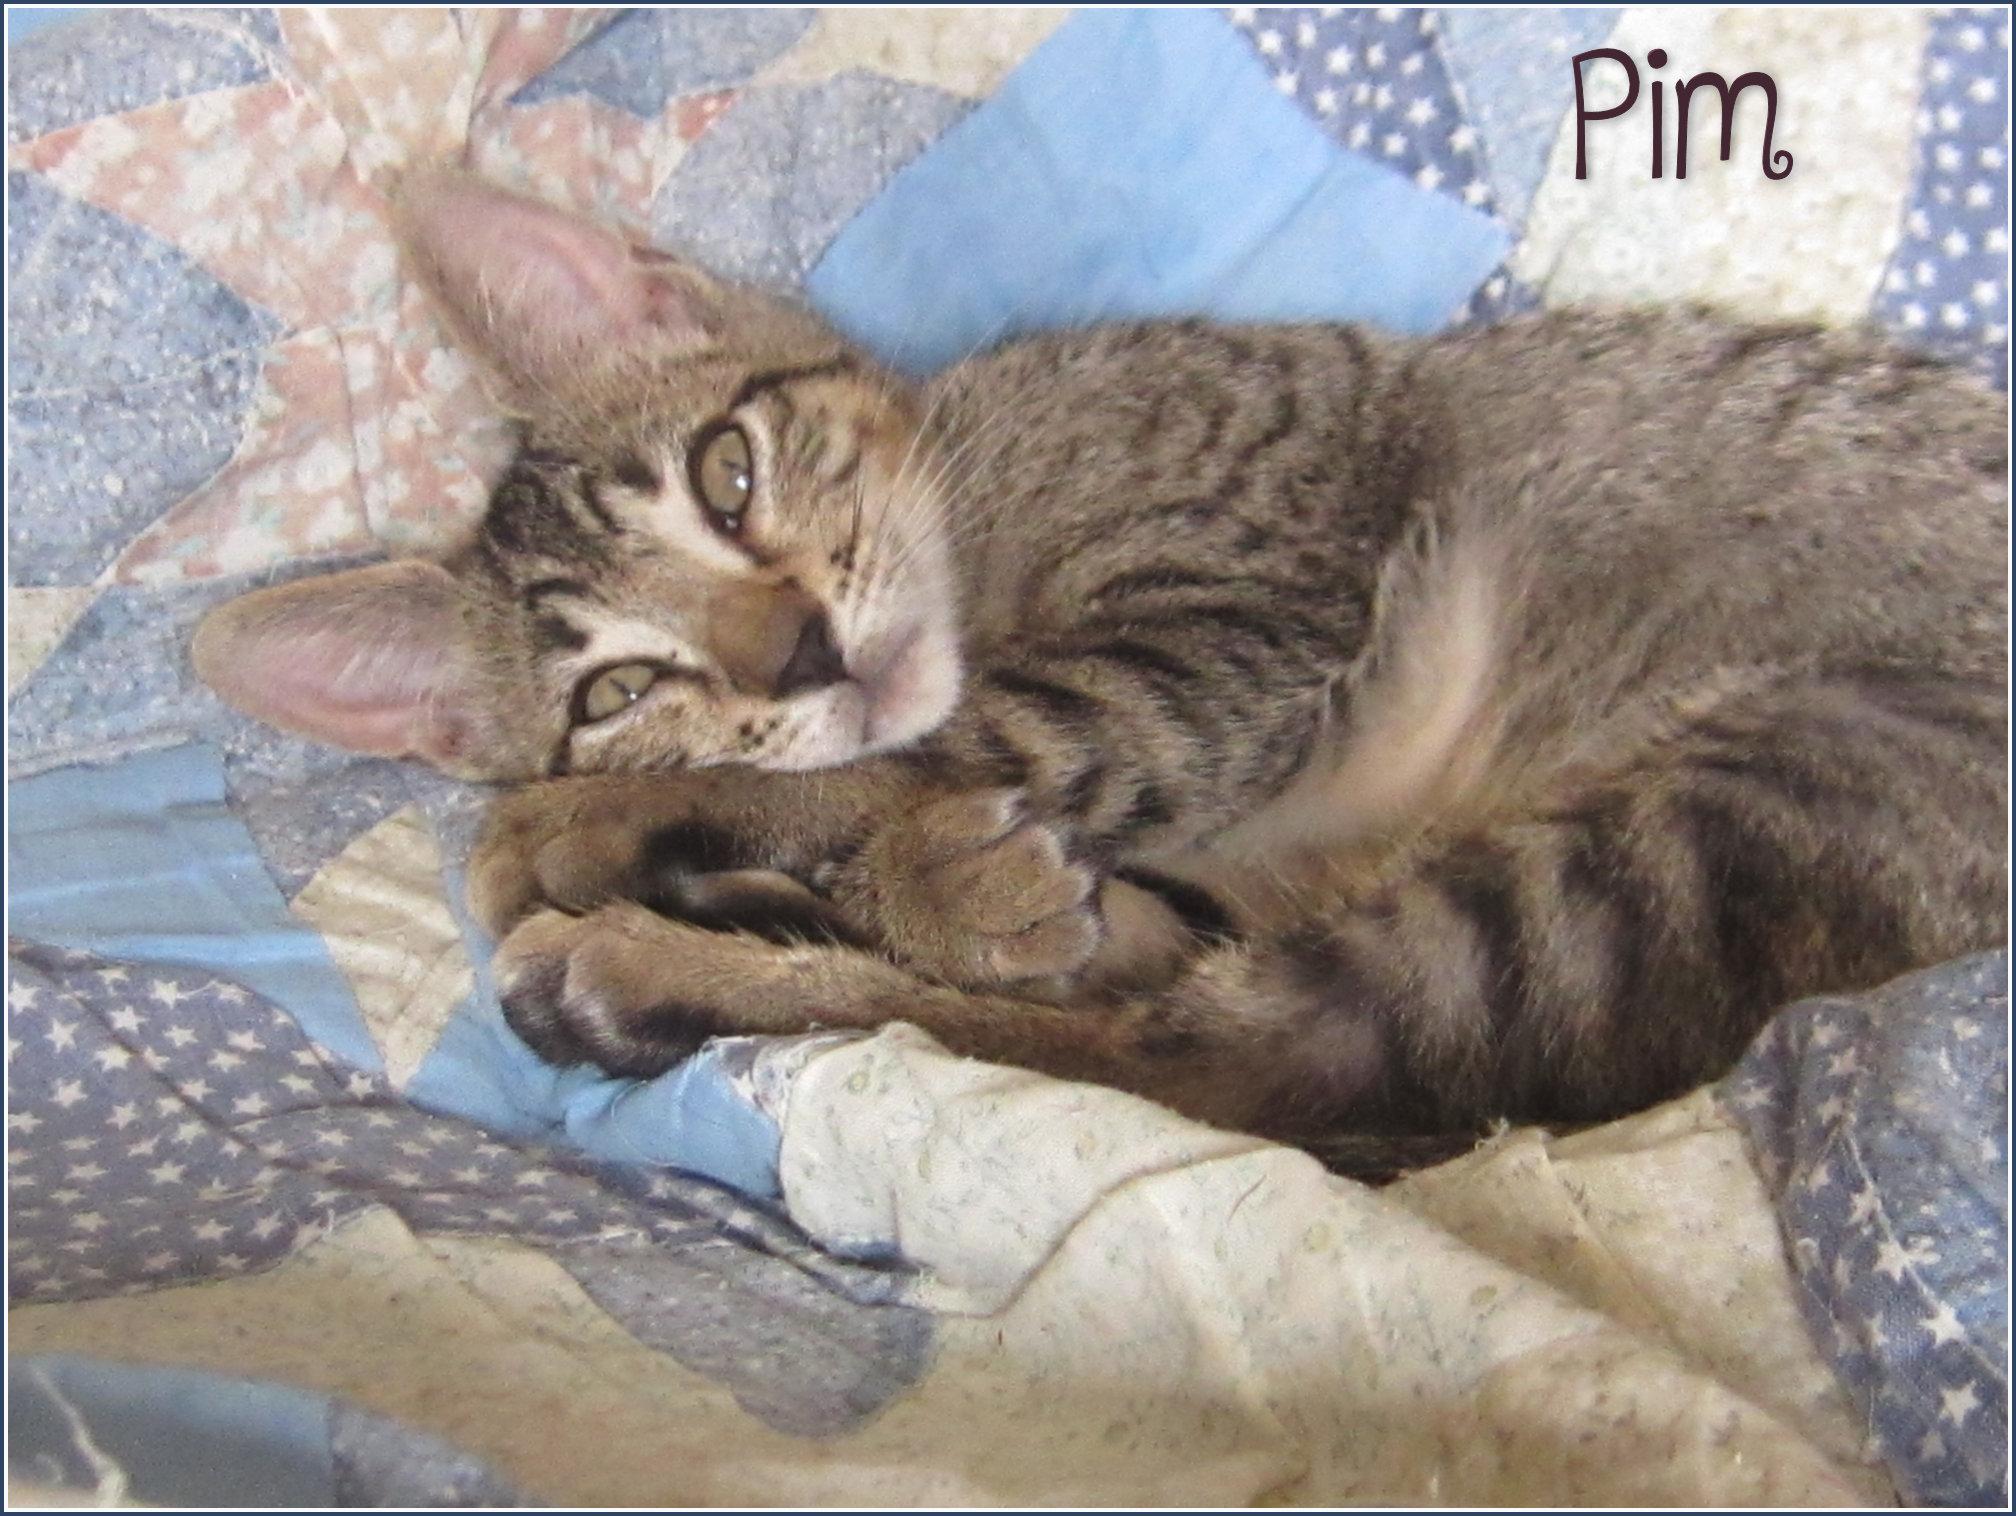 Pim - M - Né le 1/7/2019 - Adopté en dec 2019